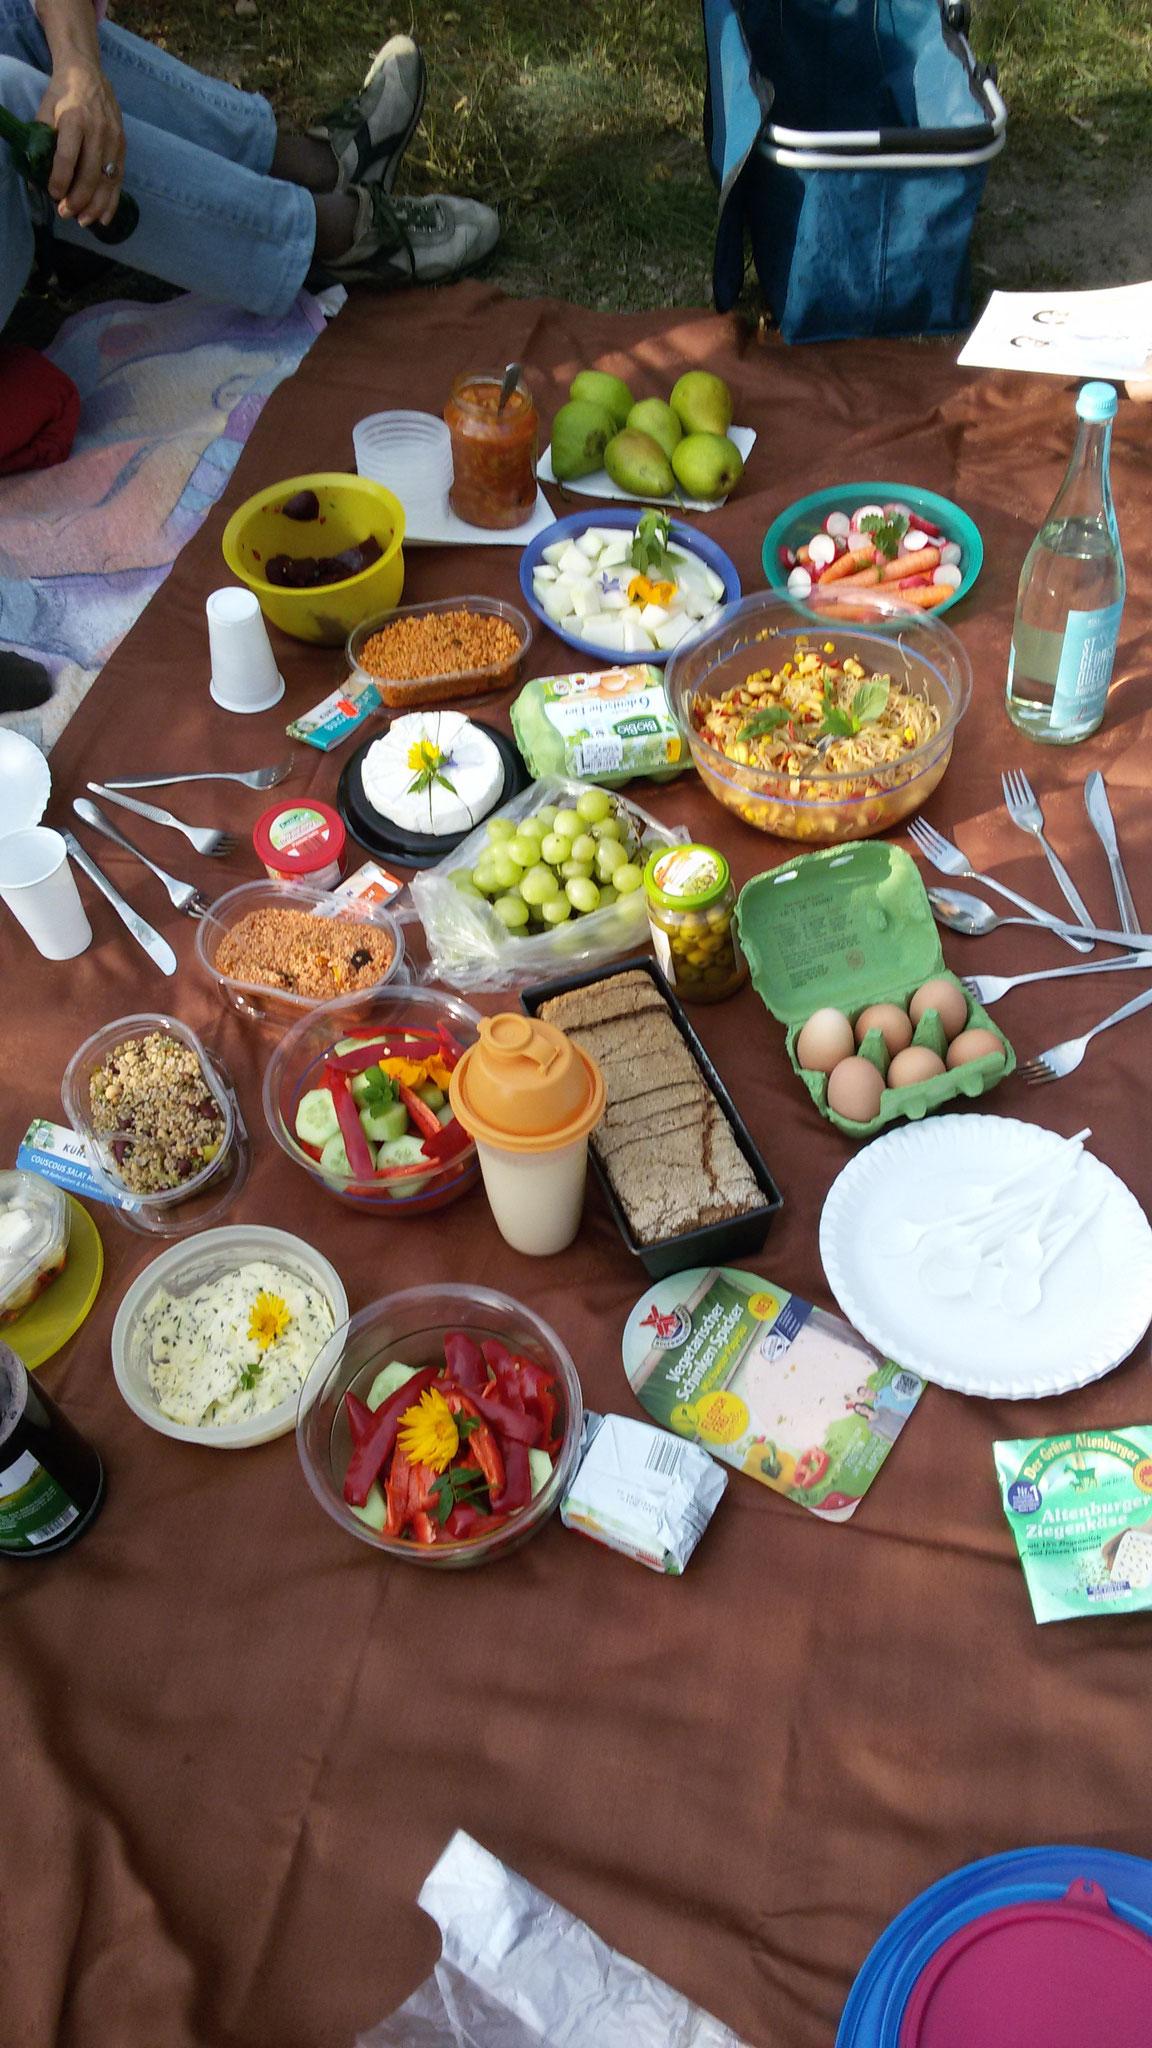 Picknick mit Kunden, Brotbackkurse, Schnelle gesunde Küche Waldenburg